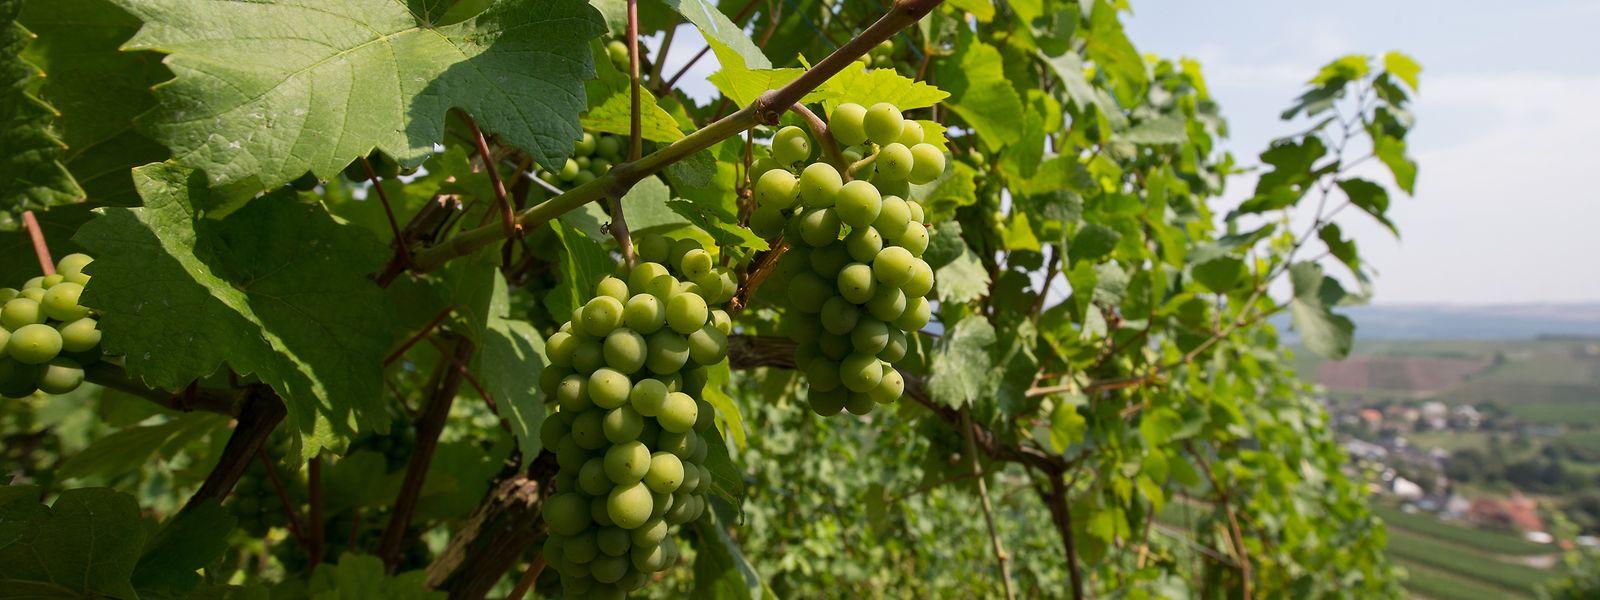 Le territoire grandit mais le cahier des charges reste toujours aussi strict pour les vignerons.